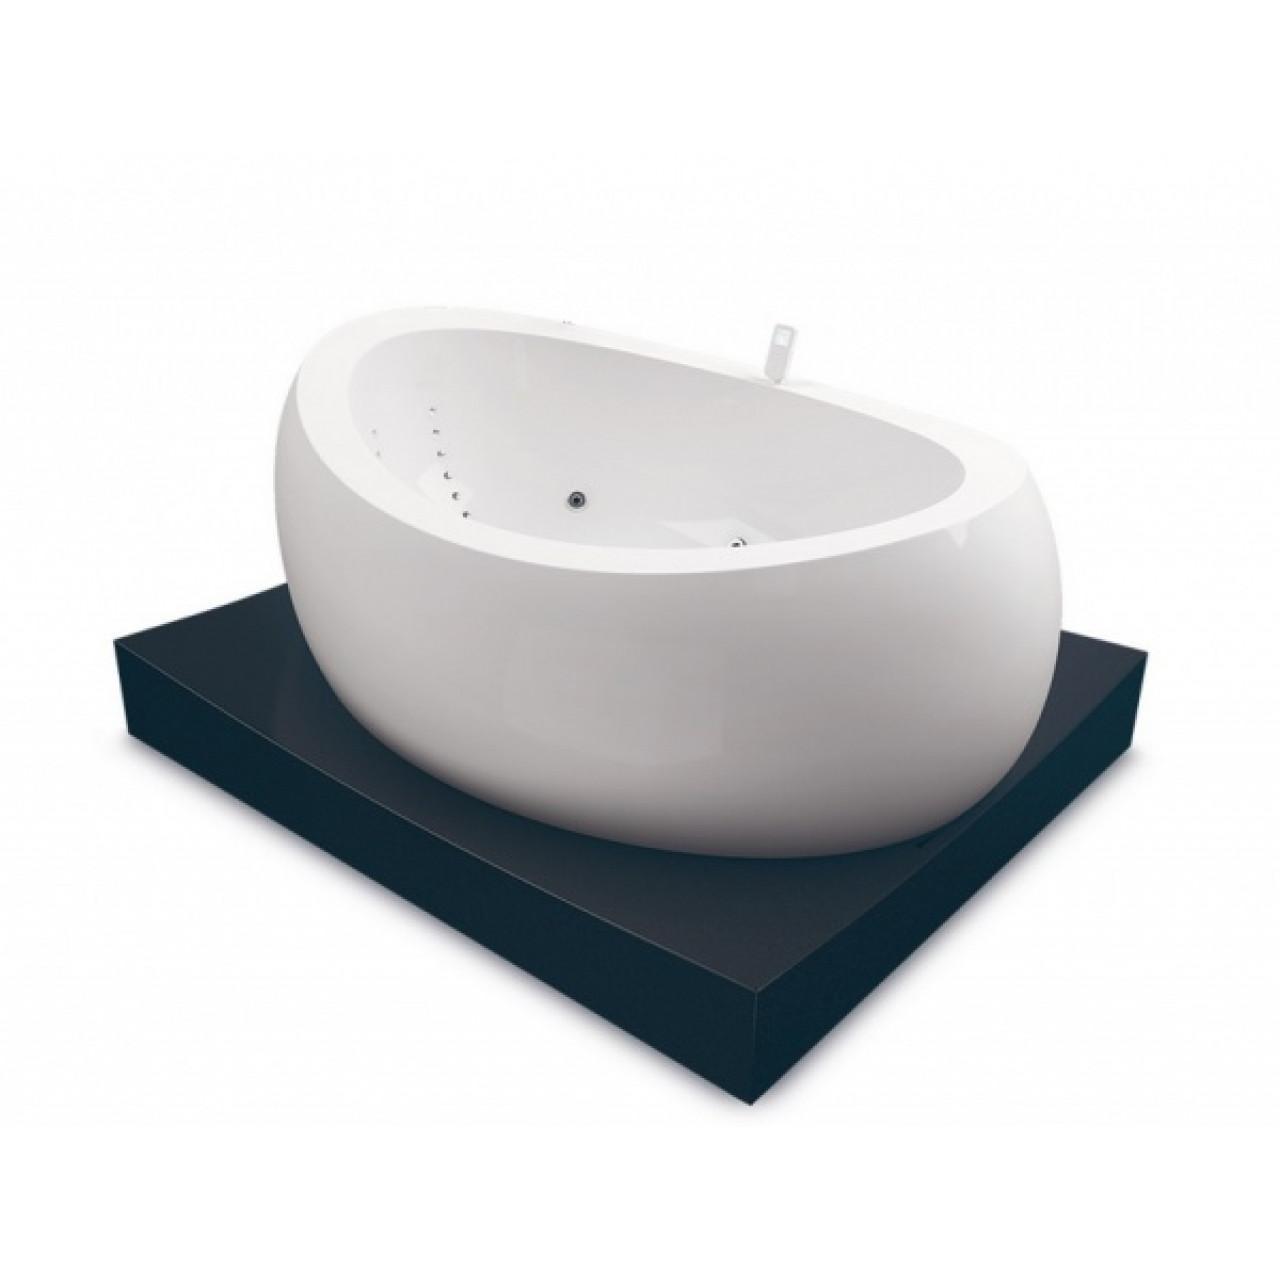 Акриловая ванна Акватика Сабзеро Standart 207x160x90 купить в Москве по цене от 277000р. в интернет-магазине mebel-v-vannu.ru